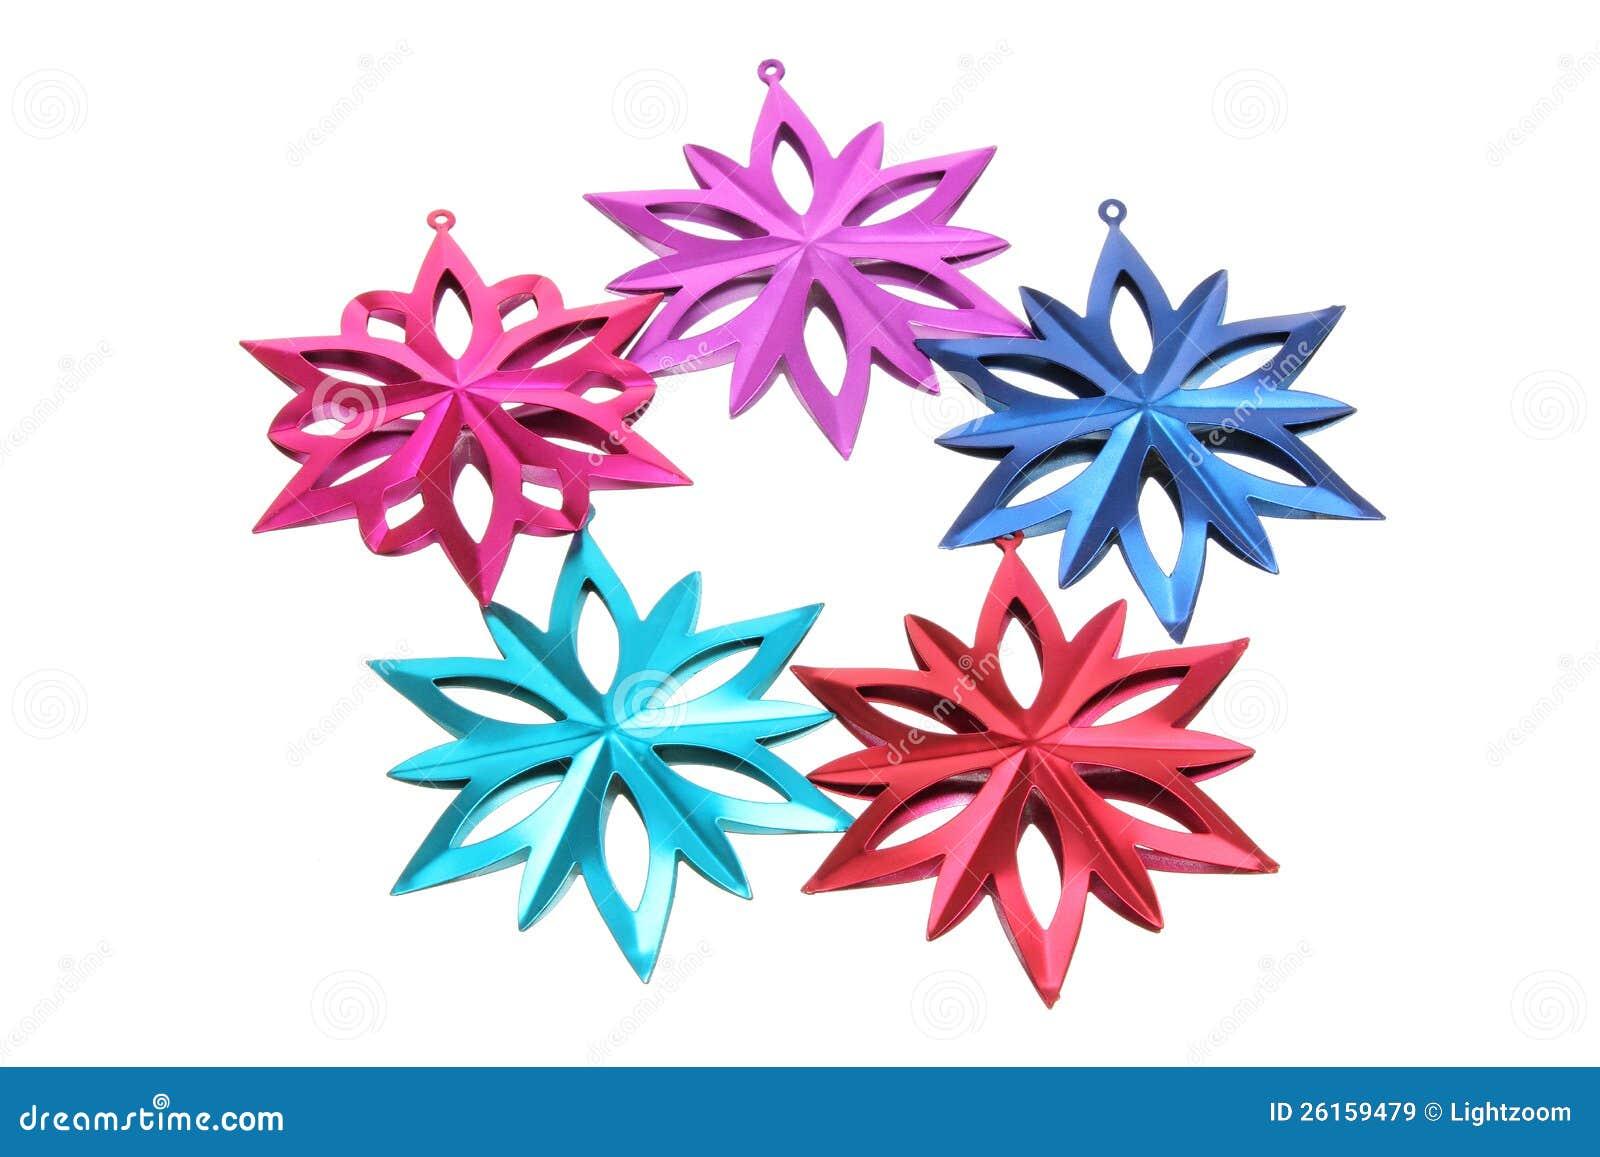 Decoraciones de navidad para negocios pictures to pin on - Decoraciones de navidad ...